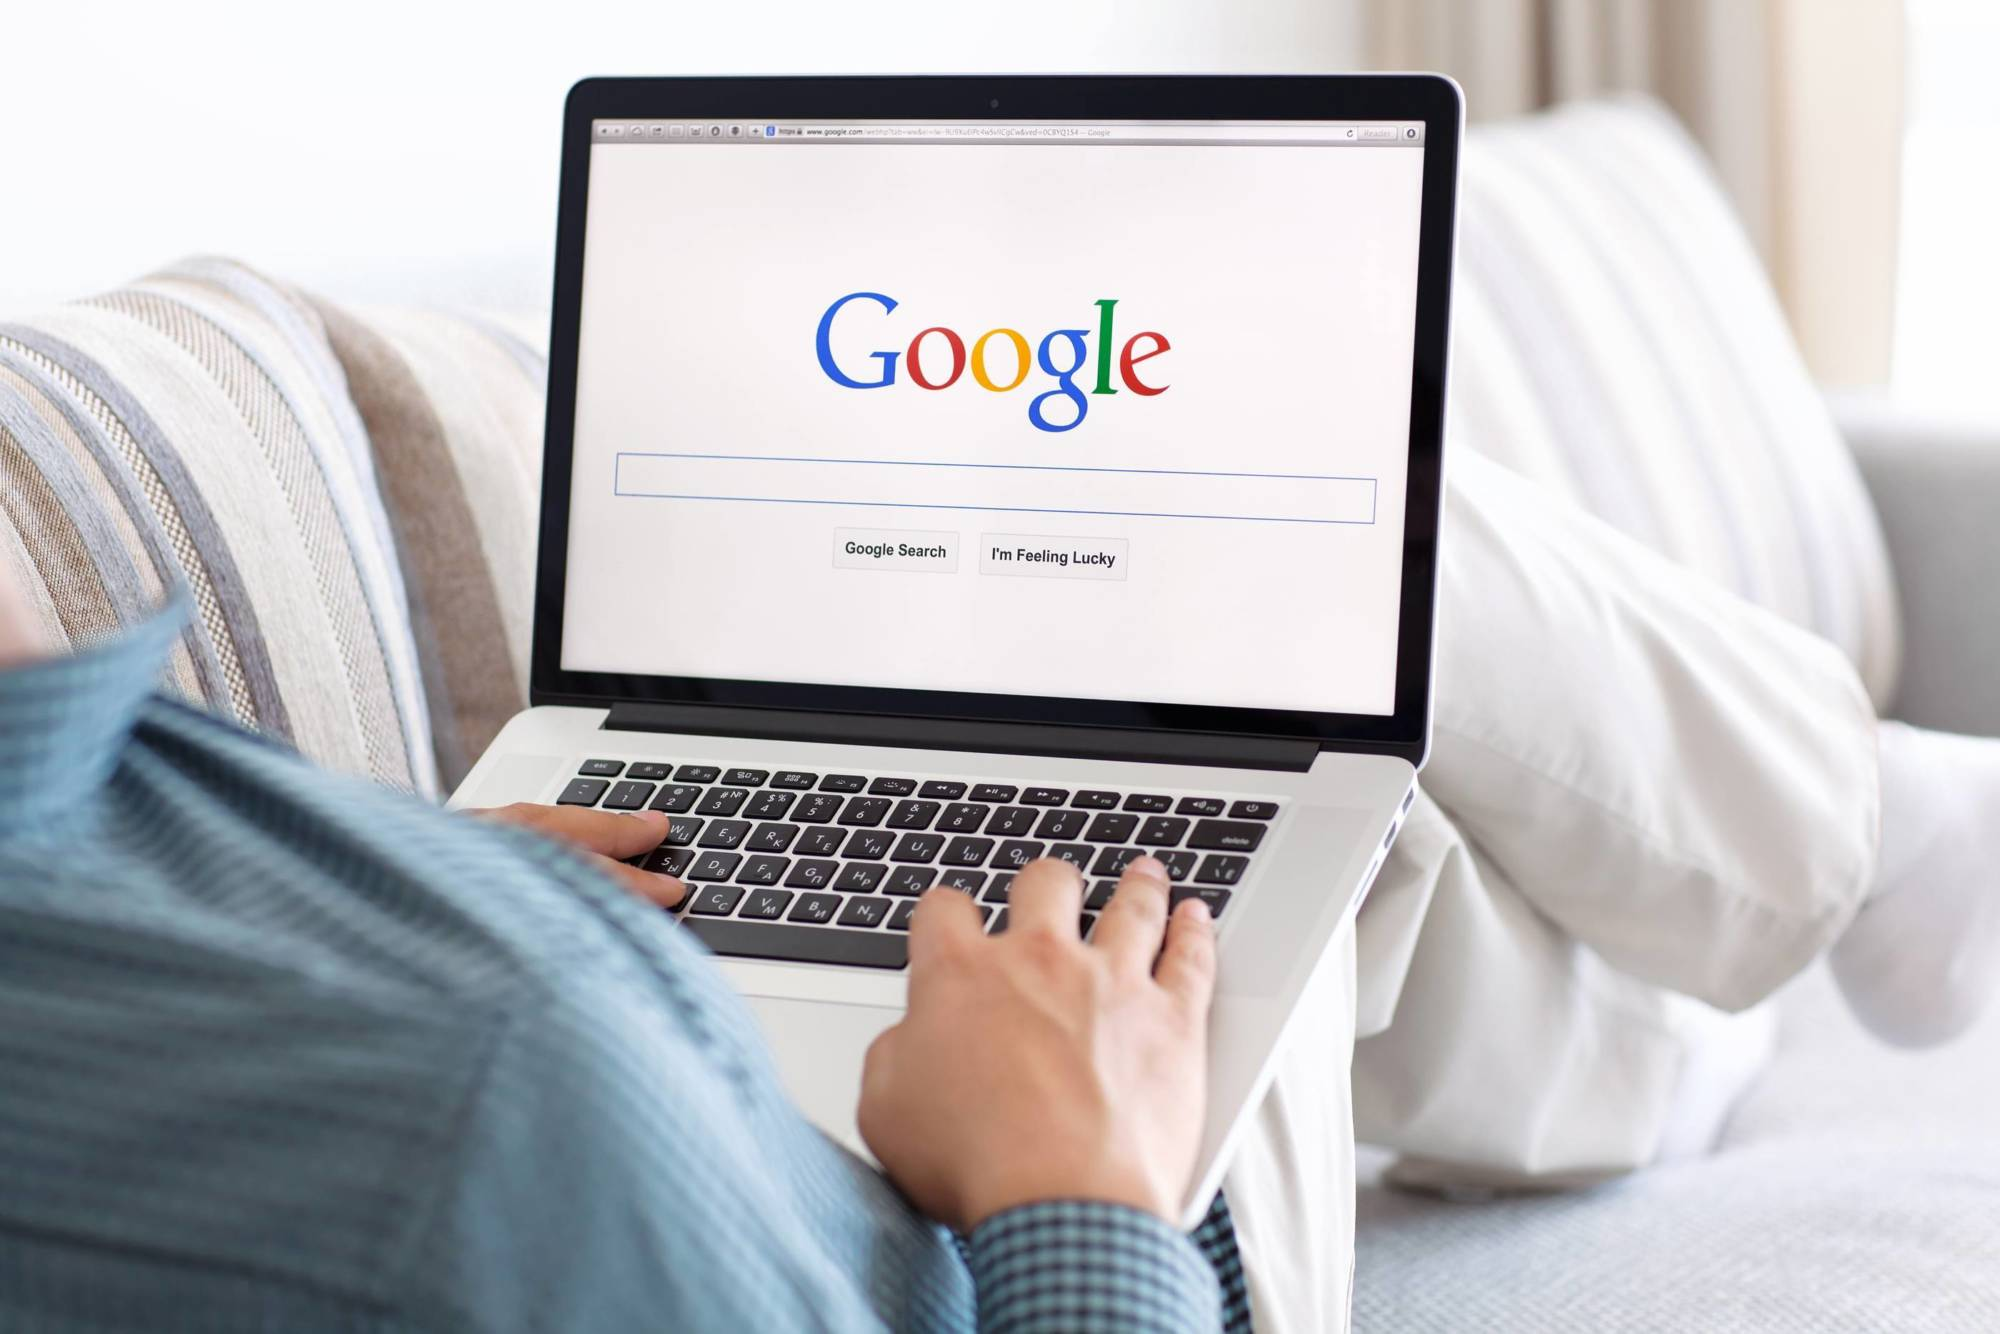 Регистрация Гугл аккаунта без номера телефона на ПК